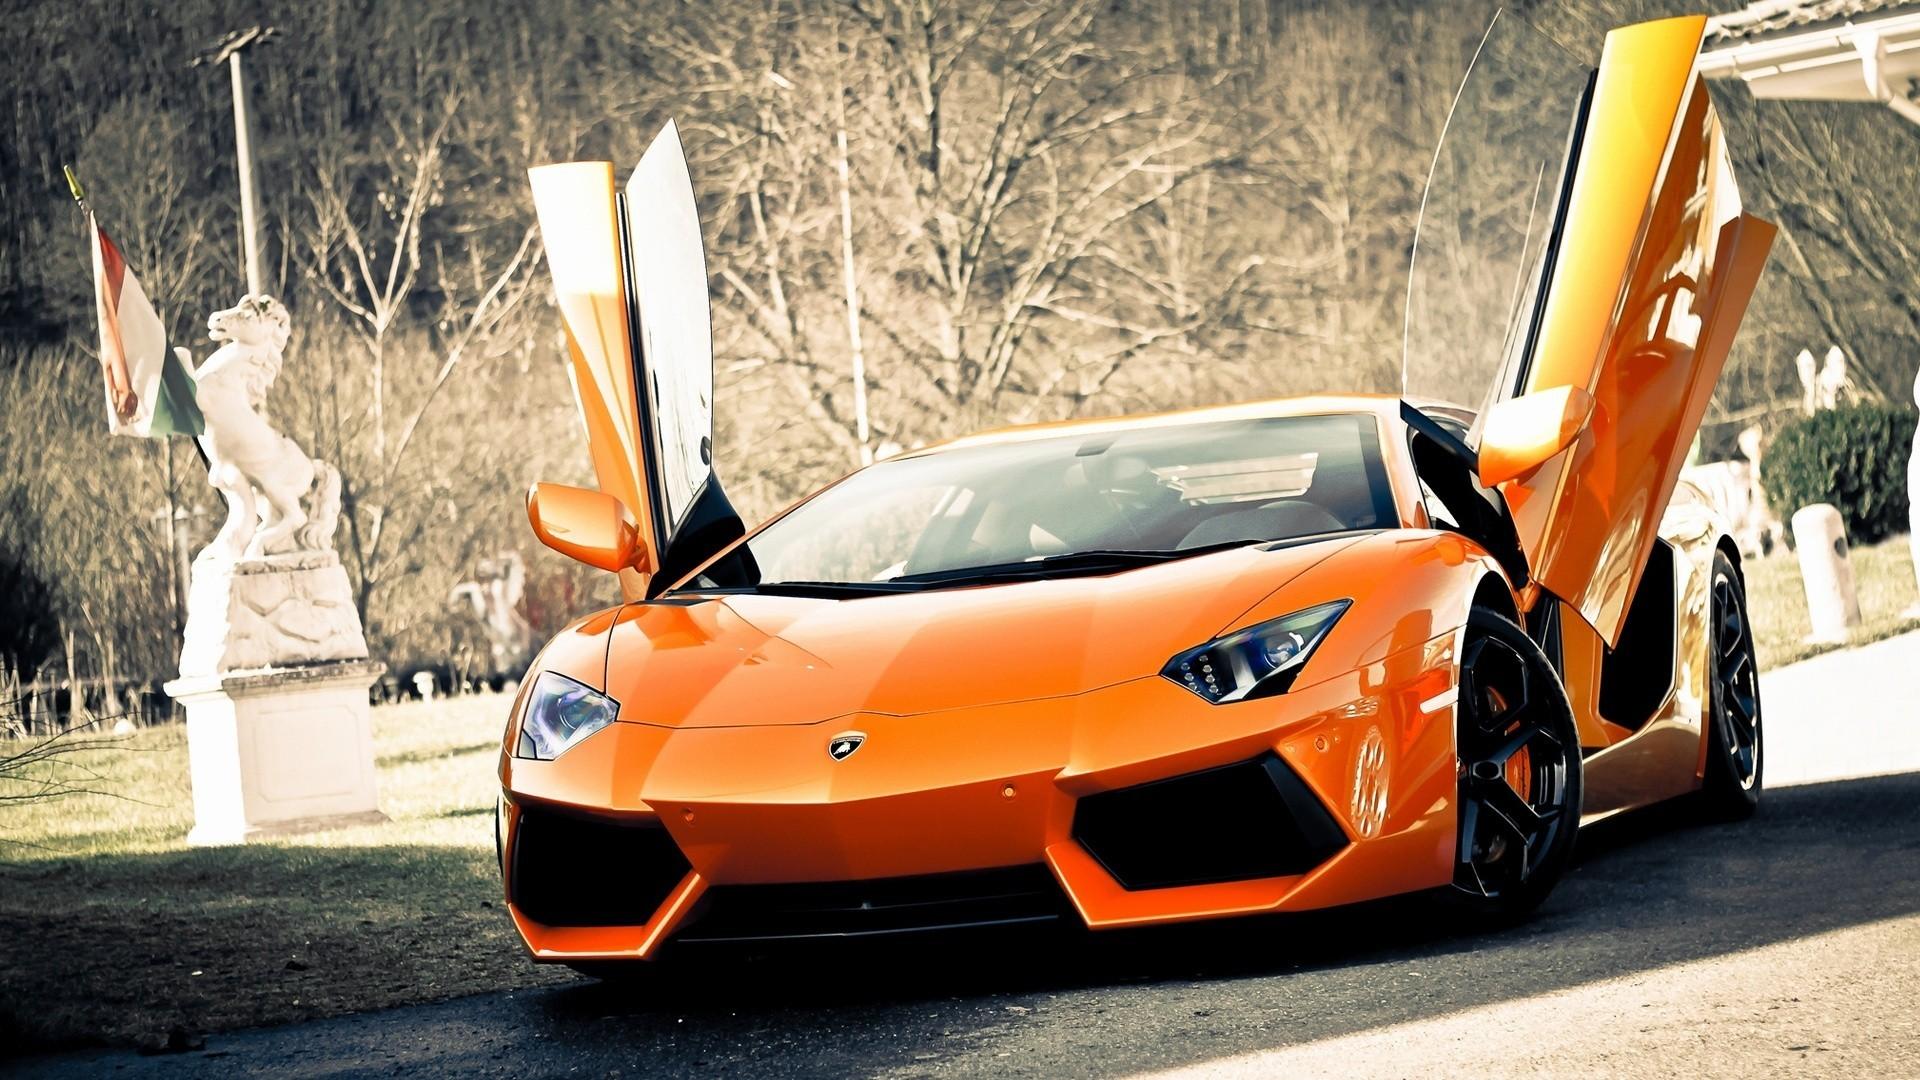 Sports Car Lamborghini Wallpapers Full HD